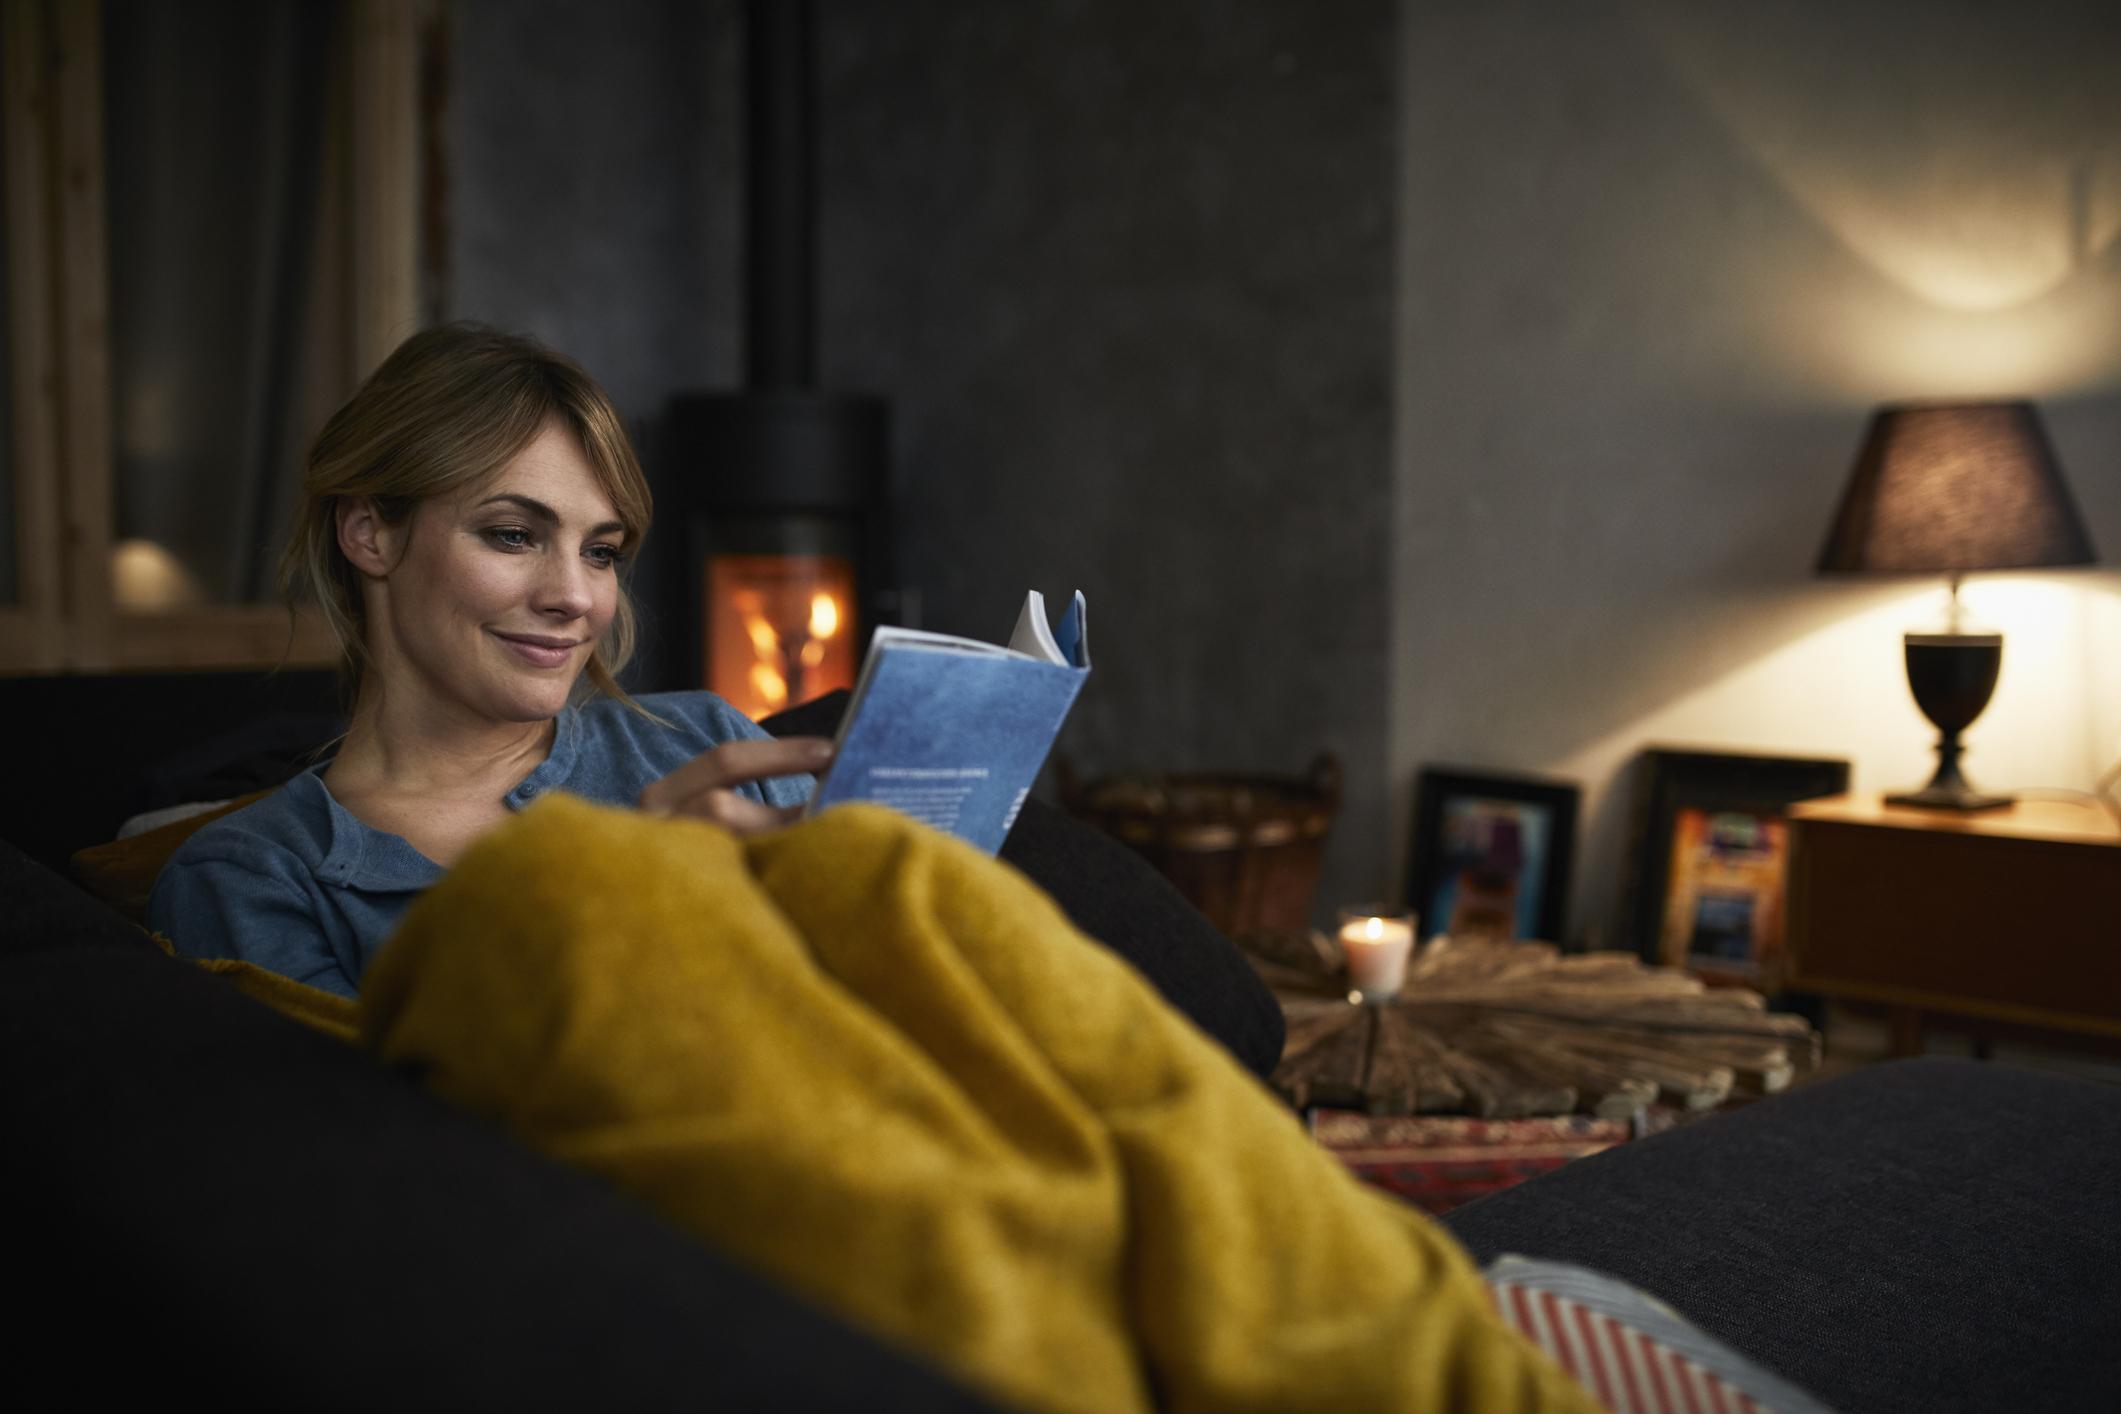 Frau sitzt in eine Decke gehüllt in Wohnzimmer und liest ein Buch